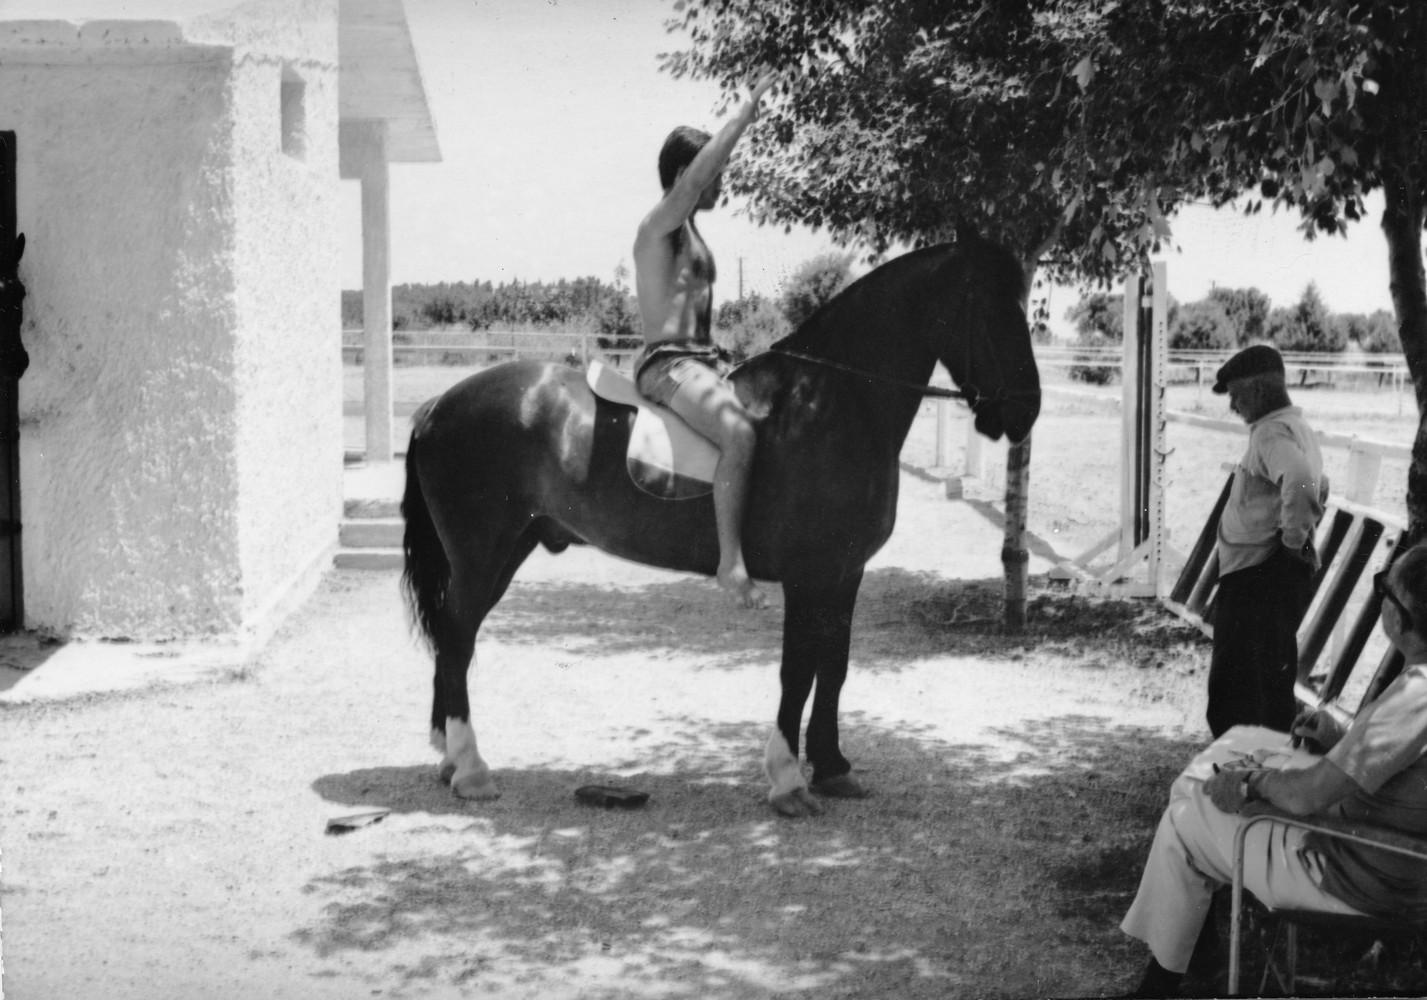 Φωτογραφία αλόγου με αναβάτη σε ιππικό όμιλο για τη μελέτη του έφιππου ανδριάντα του Μεγάλου Αλέξανδρου. Διακρίνεται και ο καλλιτέχνης.